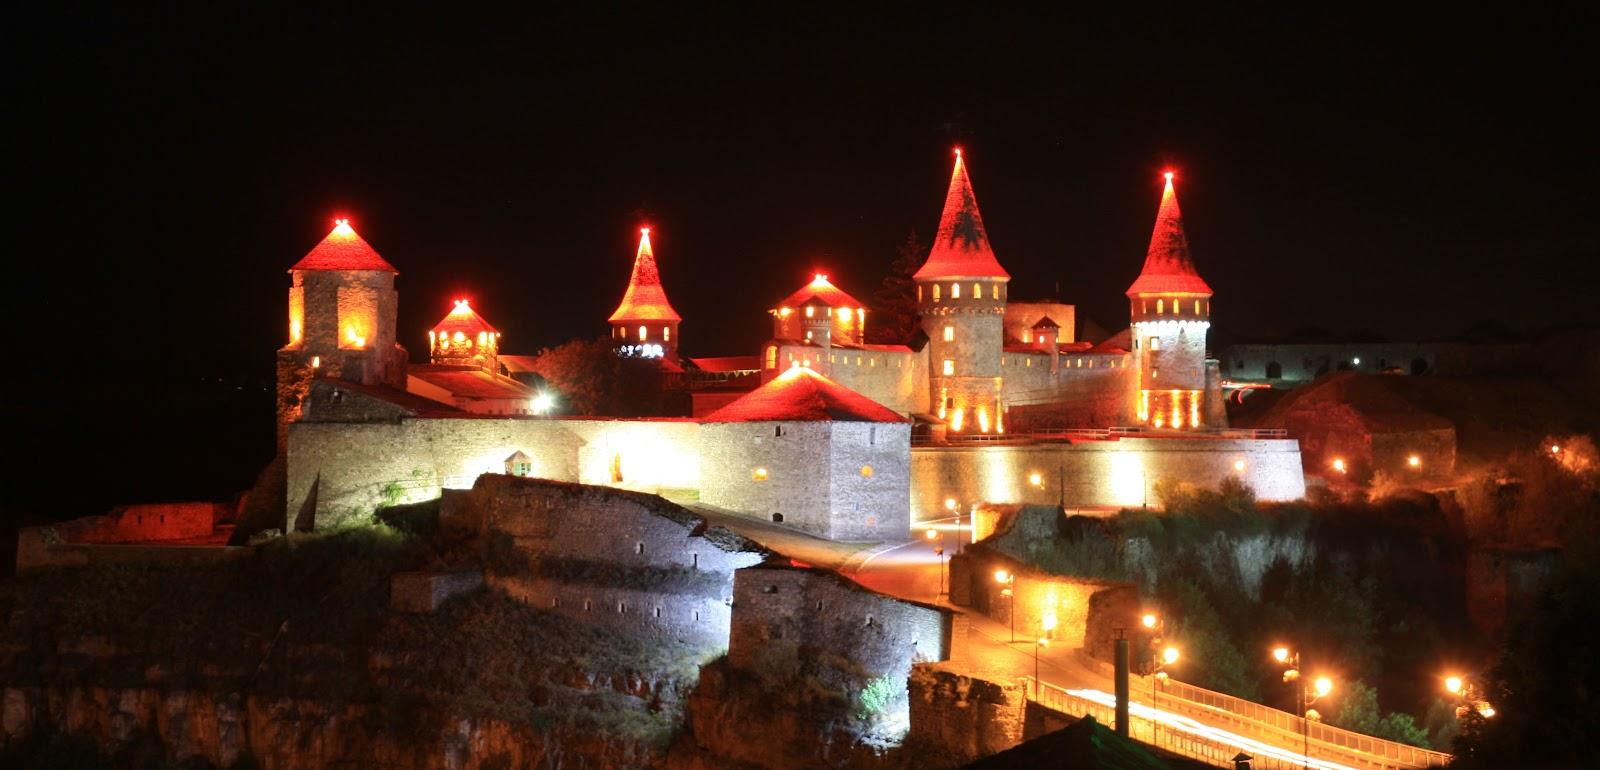 Кам'янець-Подільська фортеця вночі мов казковий замок